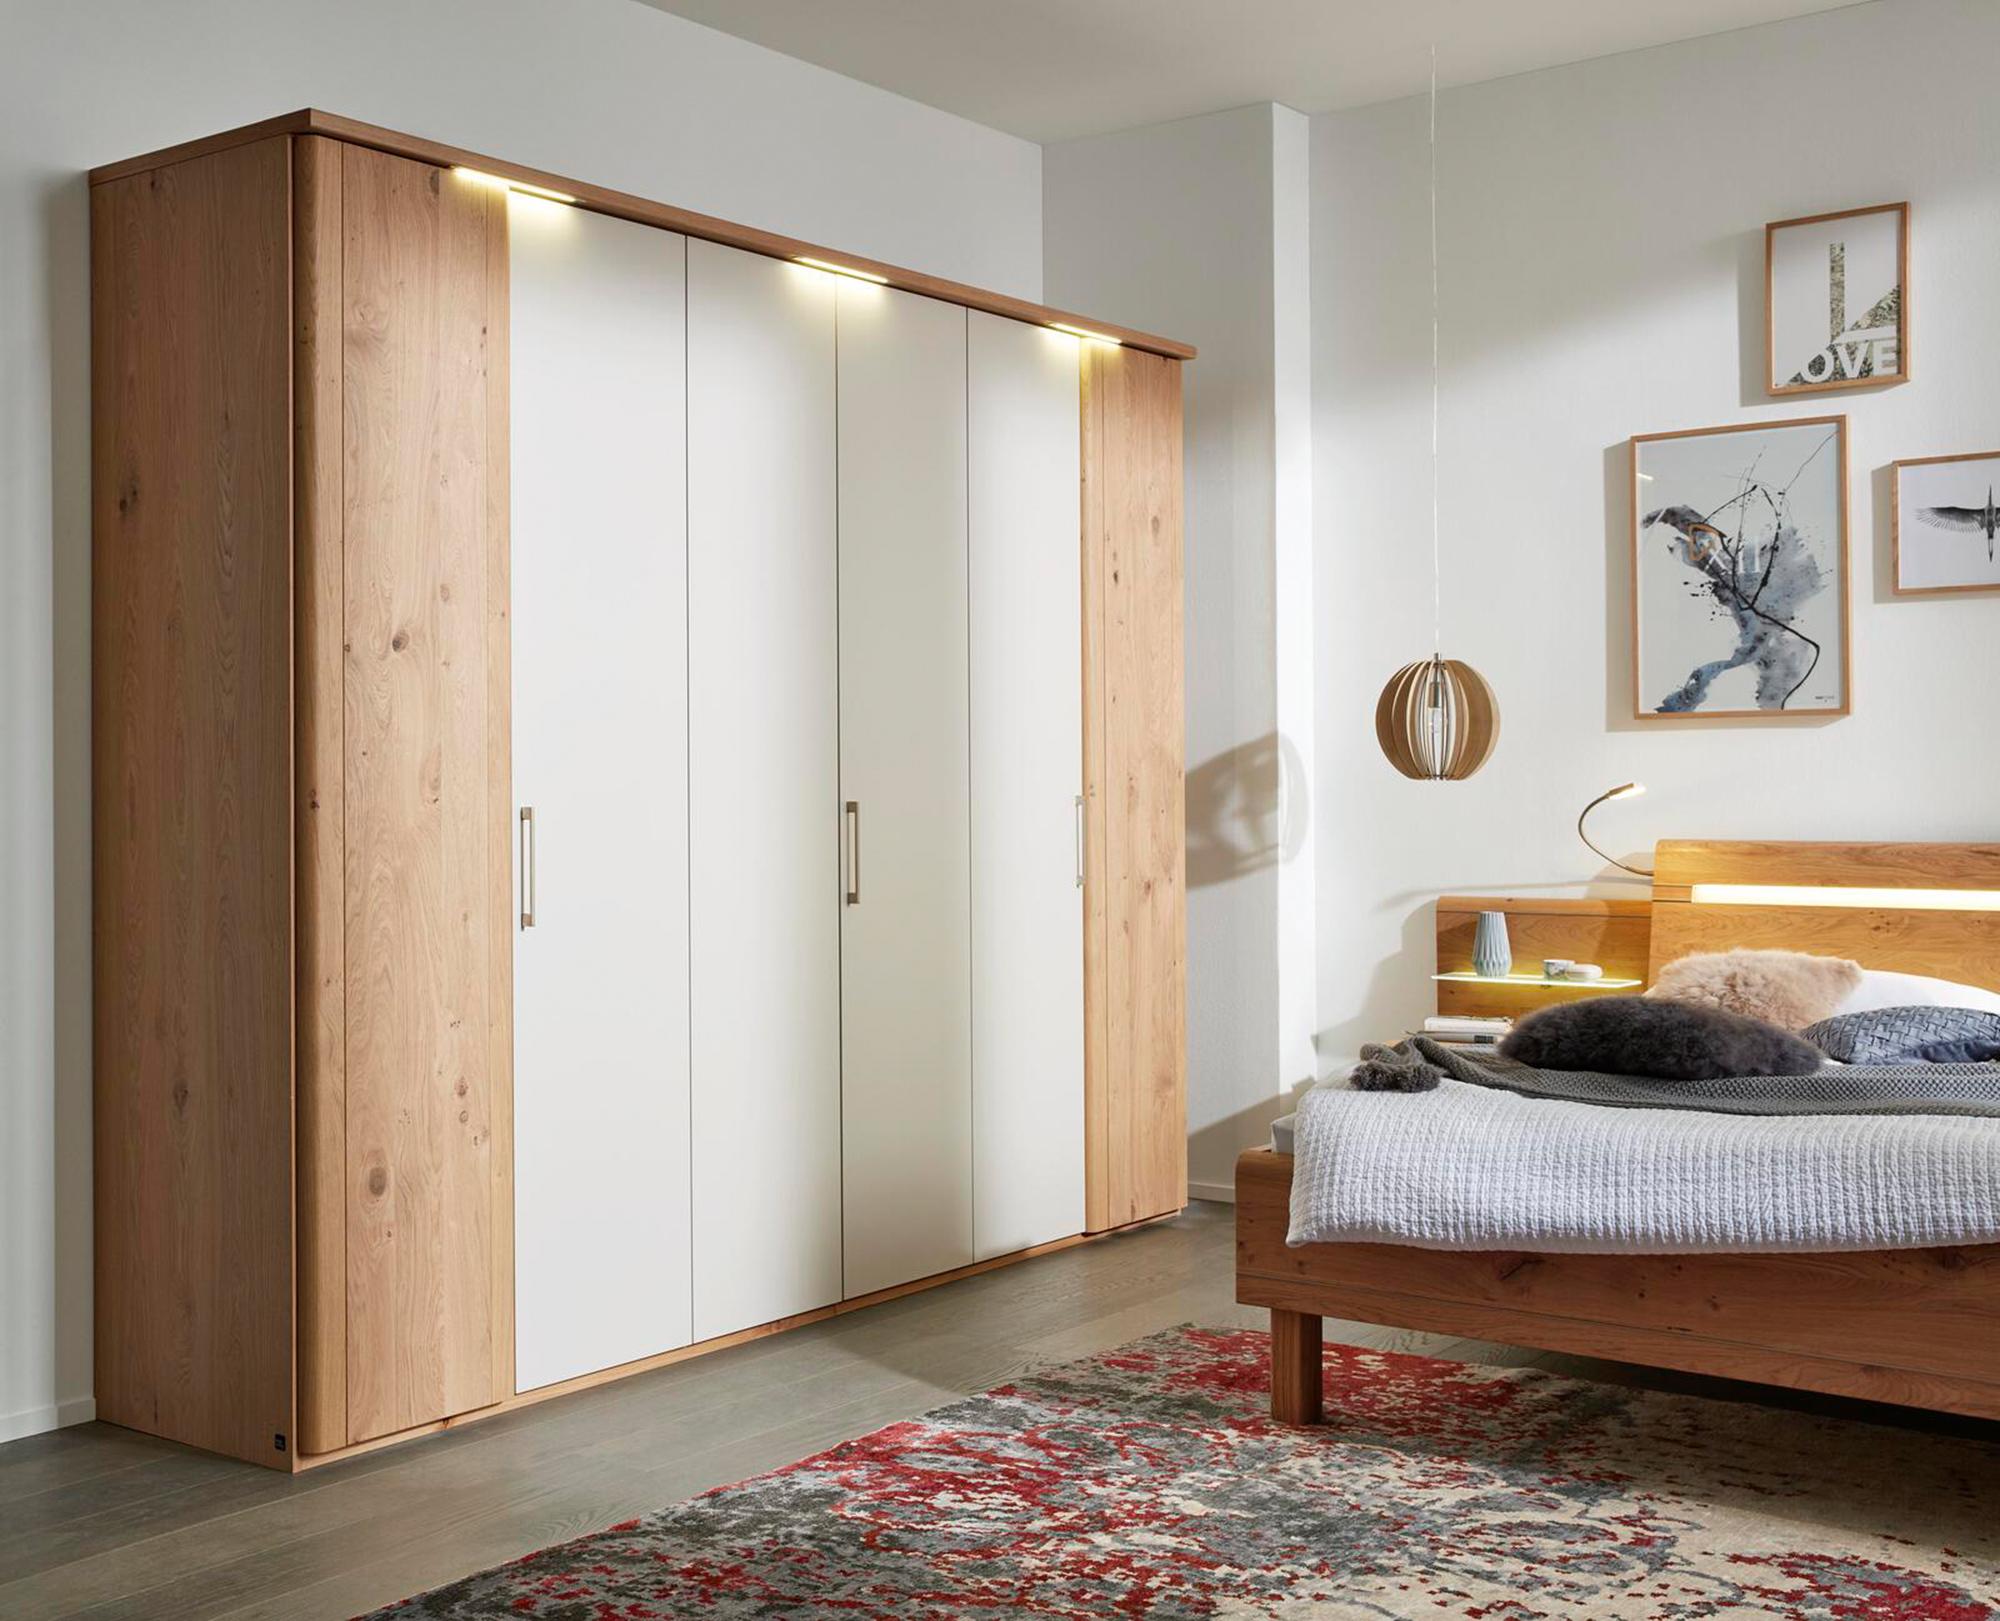 1013 Schlafzimmer